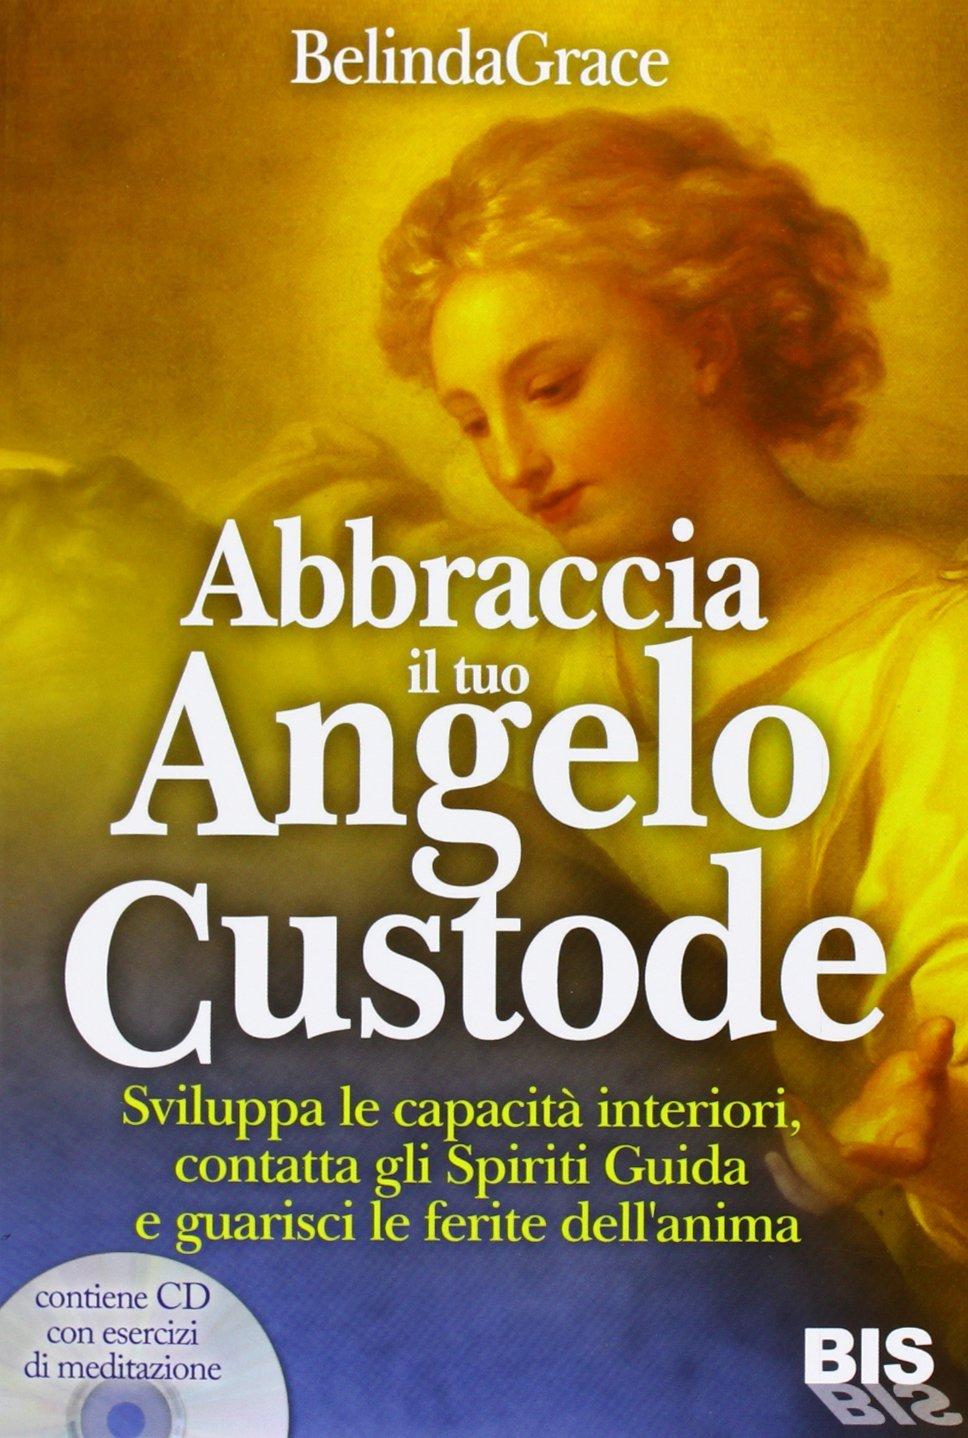 Abbraccia il tuo angelo custode: sviluppa le capacità interiori, contatta gli spiriti guida e guarisci le ferite dellanima  by  Belinda Grace